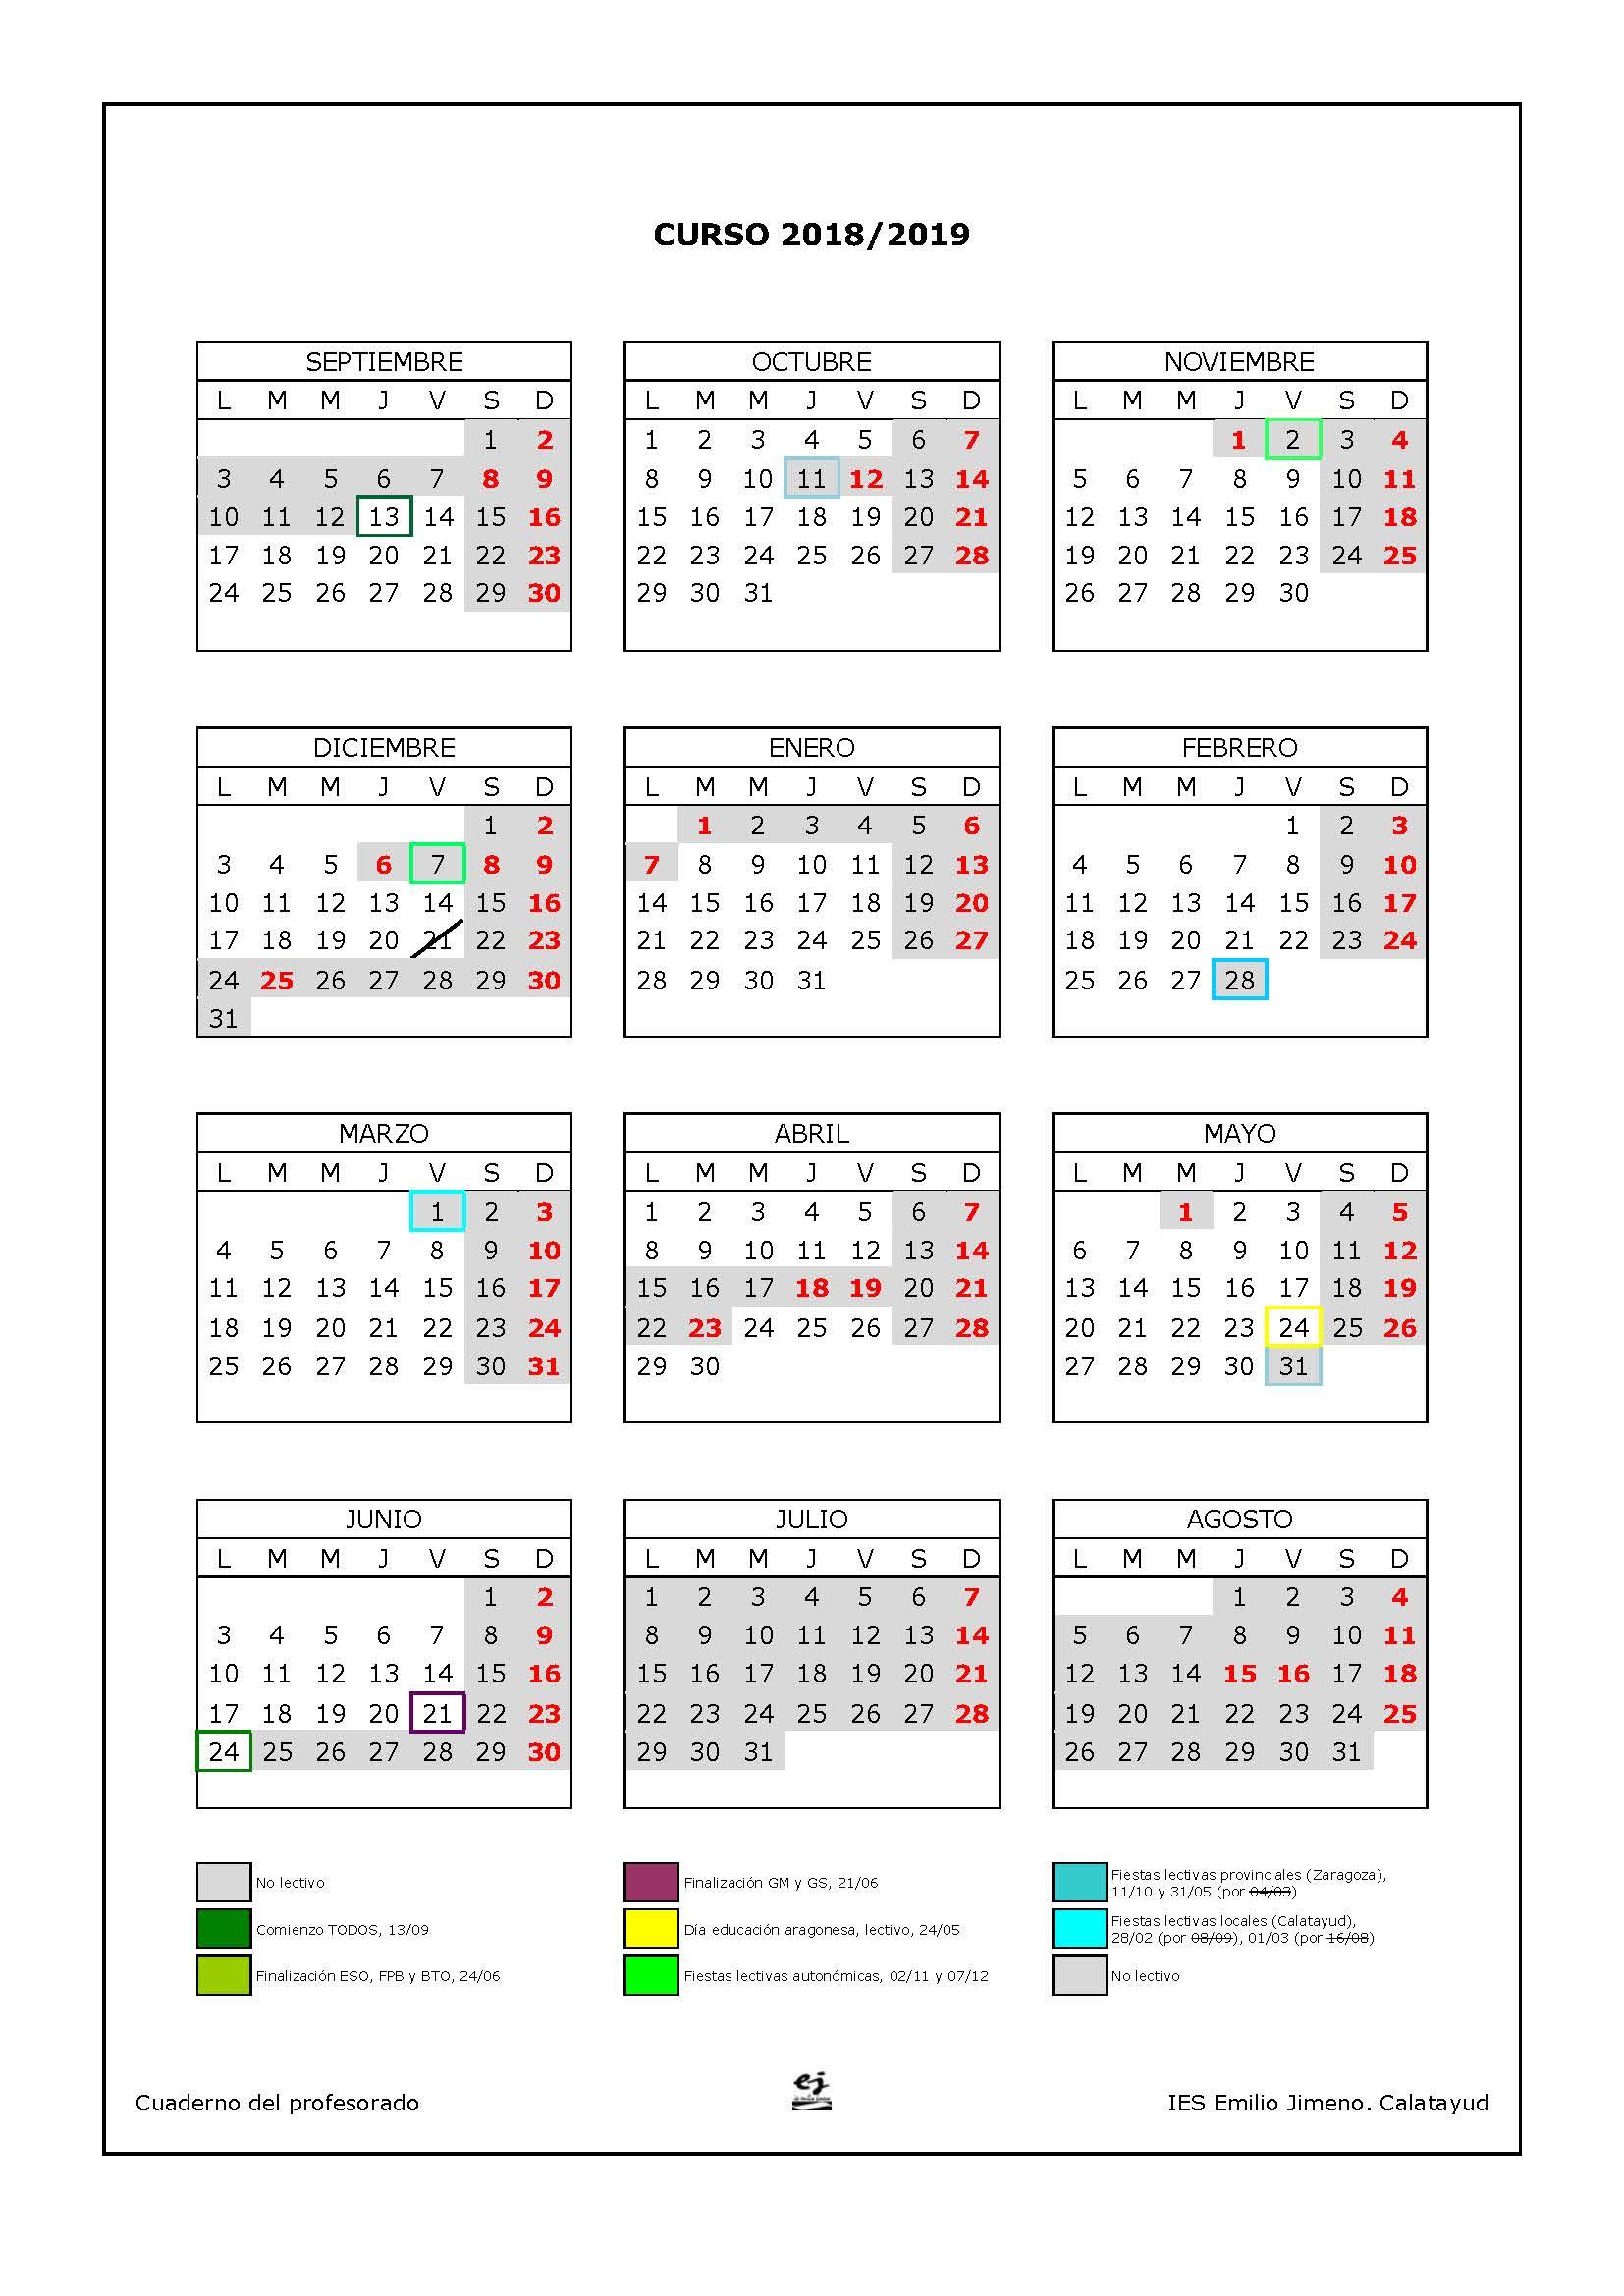 Calendario Escolar 2019 Aragon.Calendario Escolar Ies Emilio Jimeno